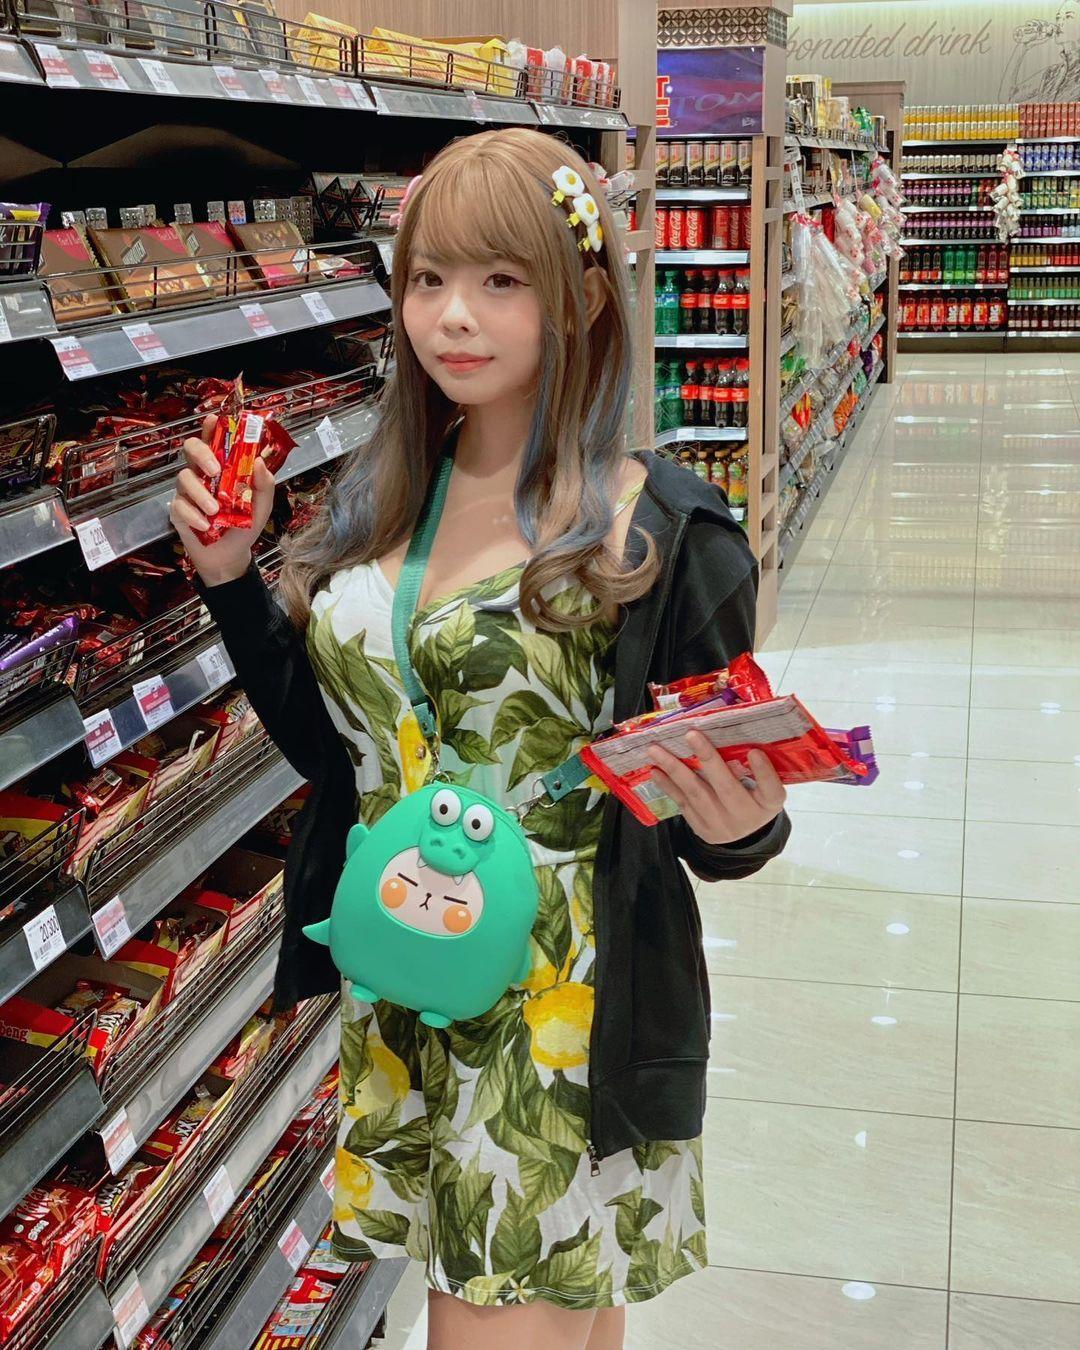 新加坡嫩妹《lolicimos》清纯可爱!